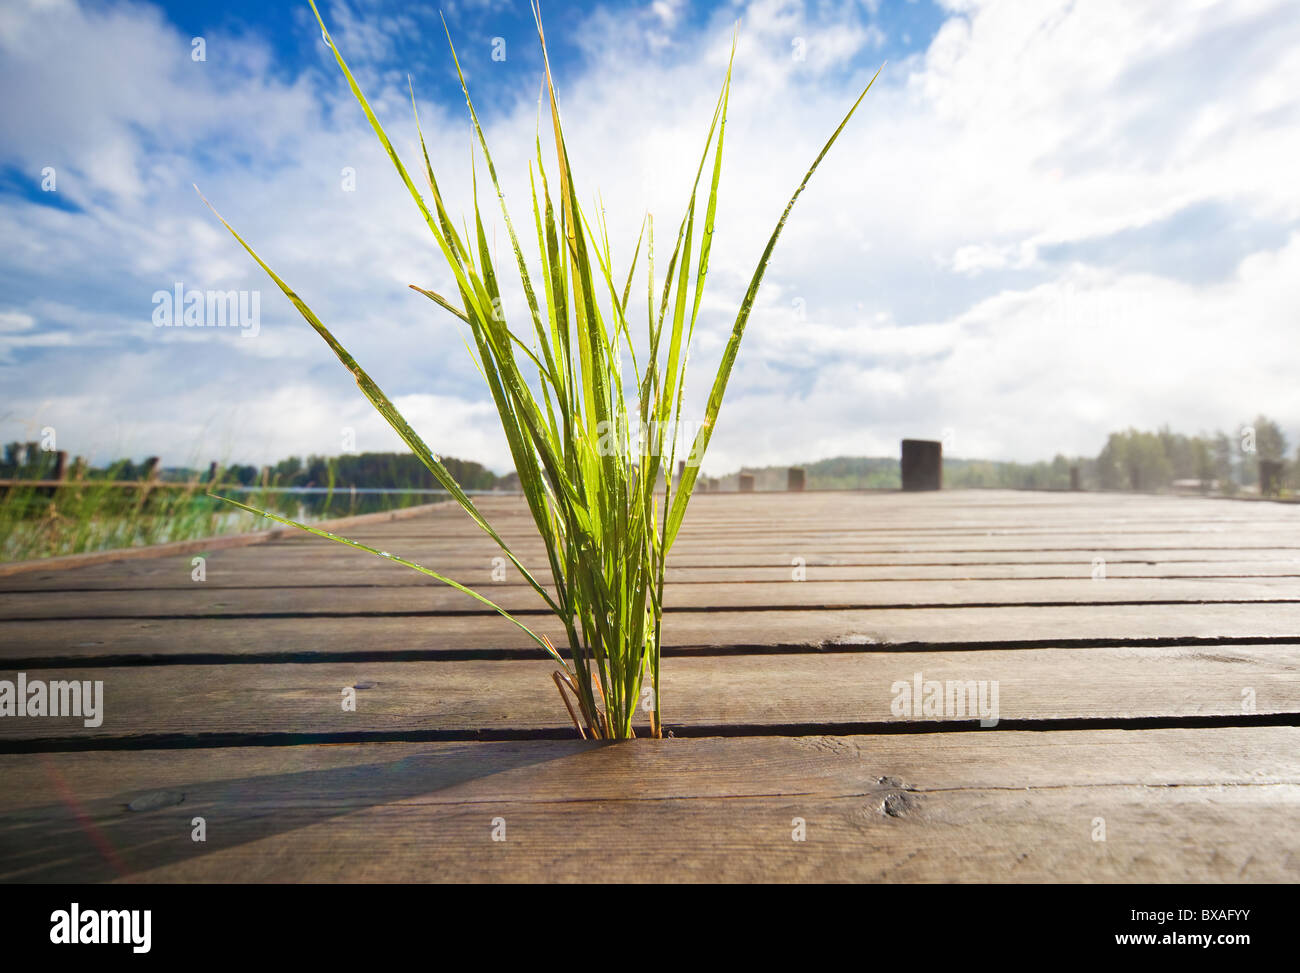 Pequeña hierba creciendo a través del puente de madera. Imagen De Stock